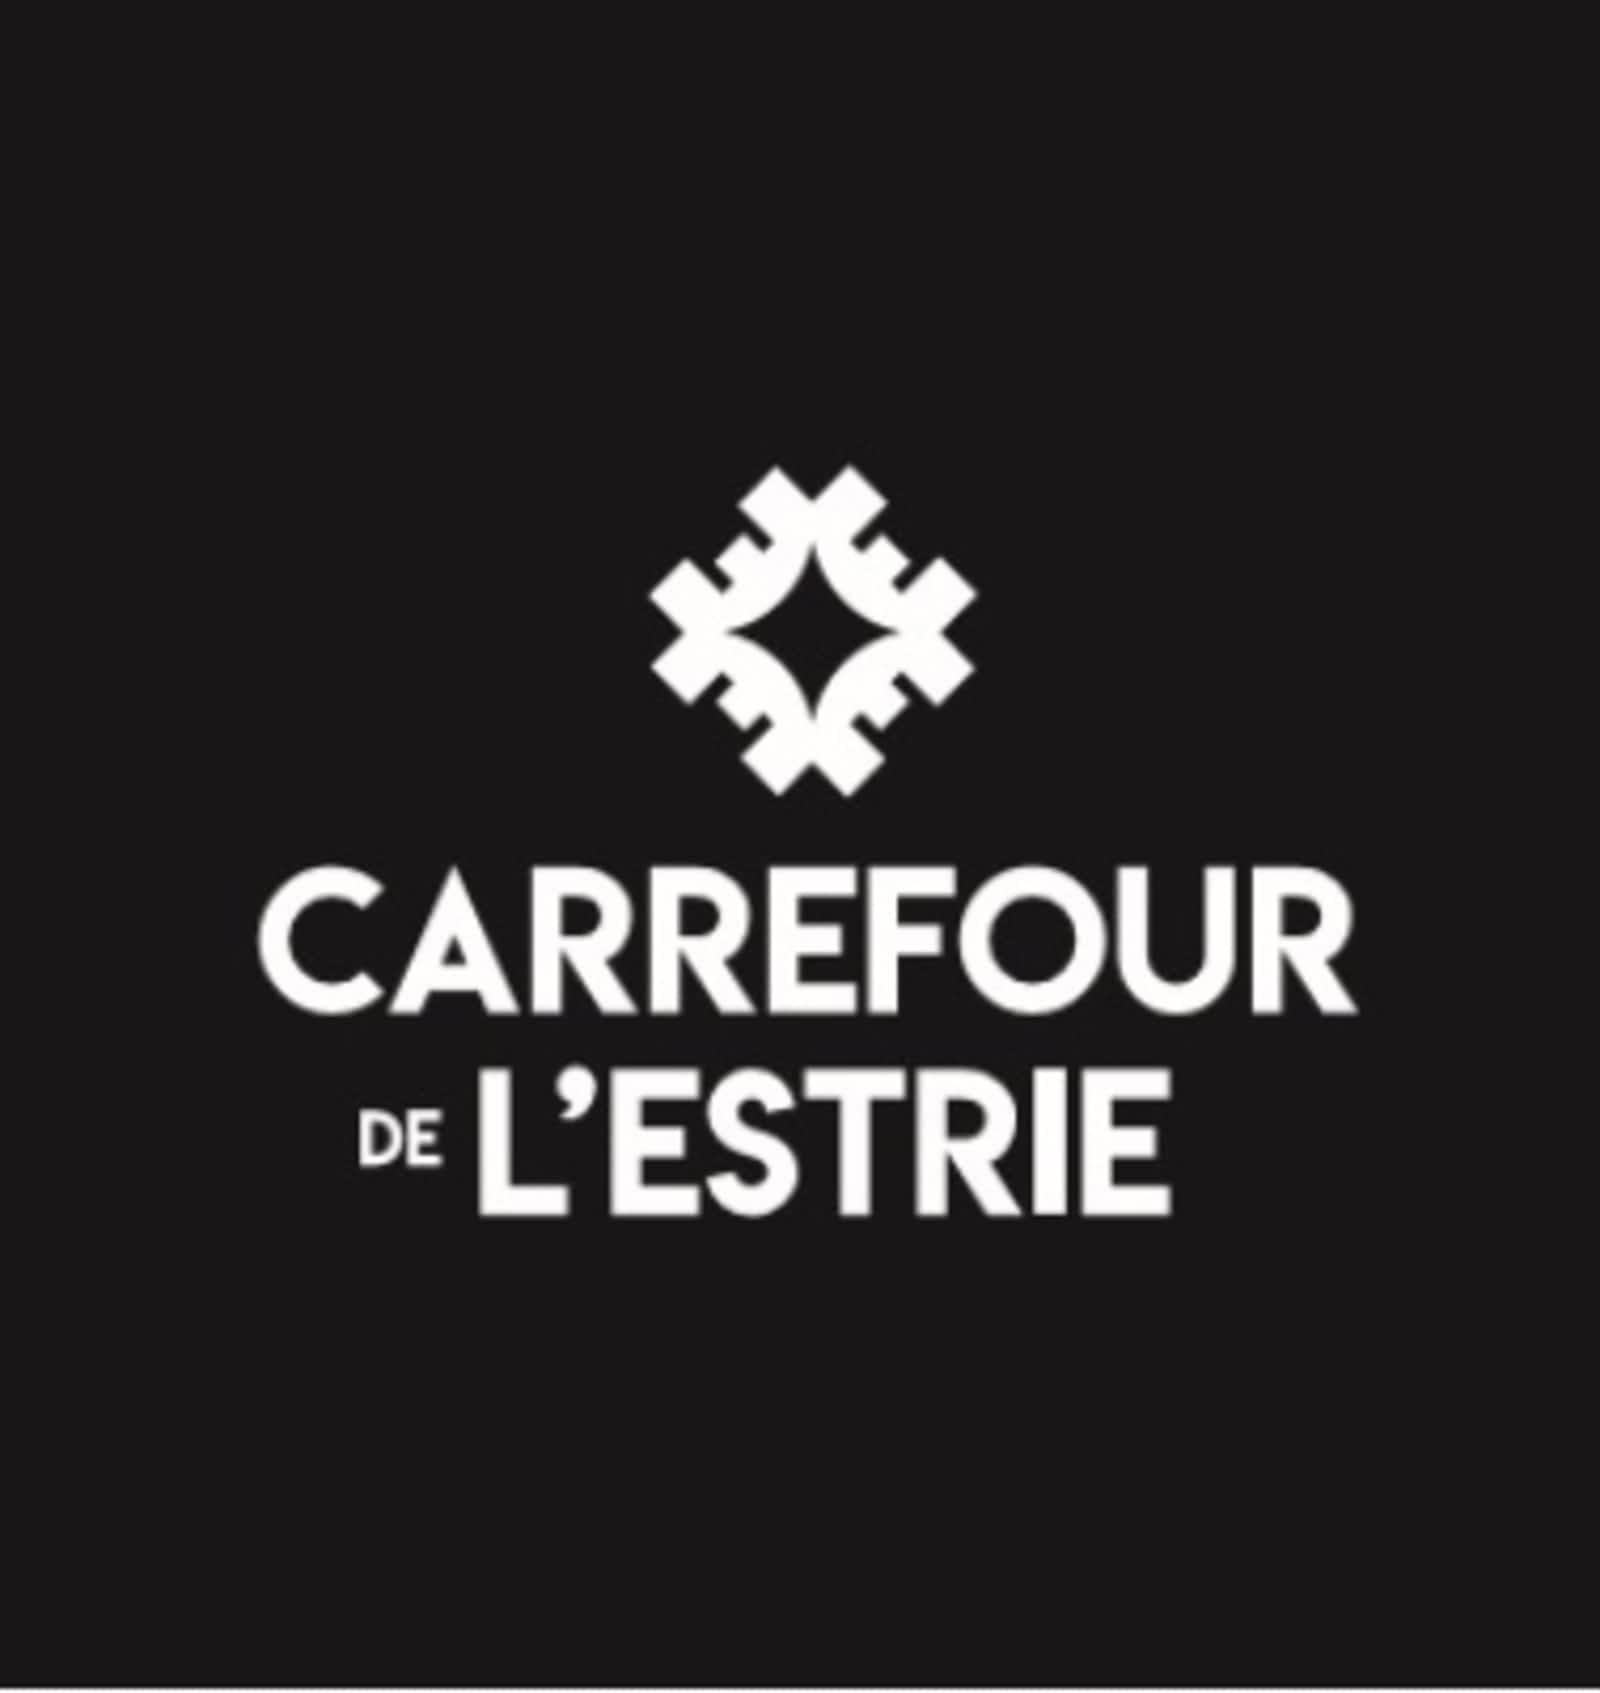 Carte Cadeau Carrefour De Lestrie.Carrefour De L Estrie Horaire D Ouverture 3050 Boul De